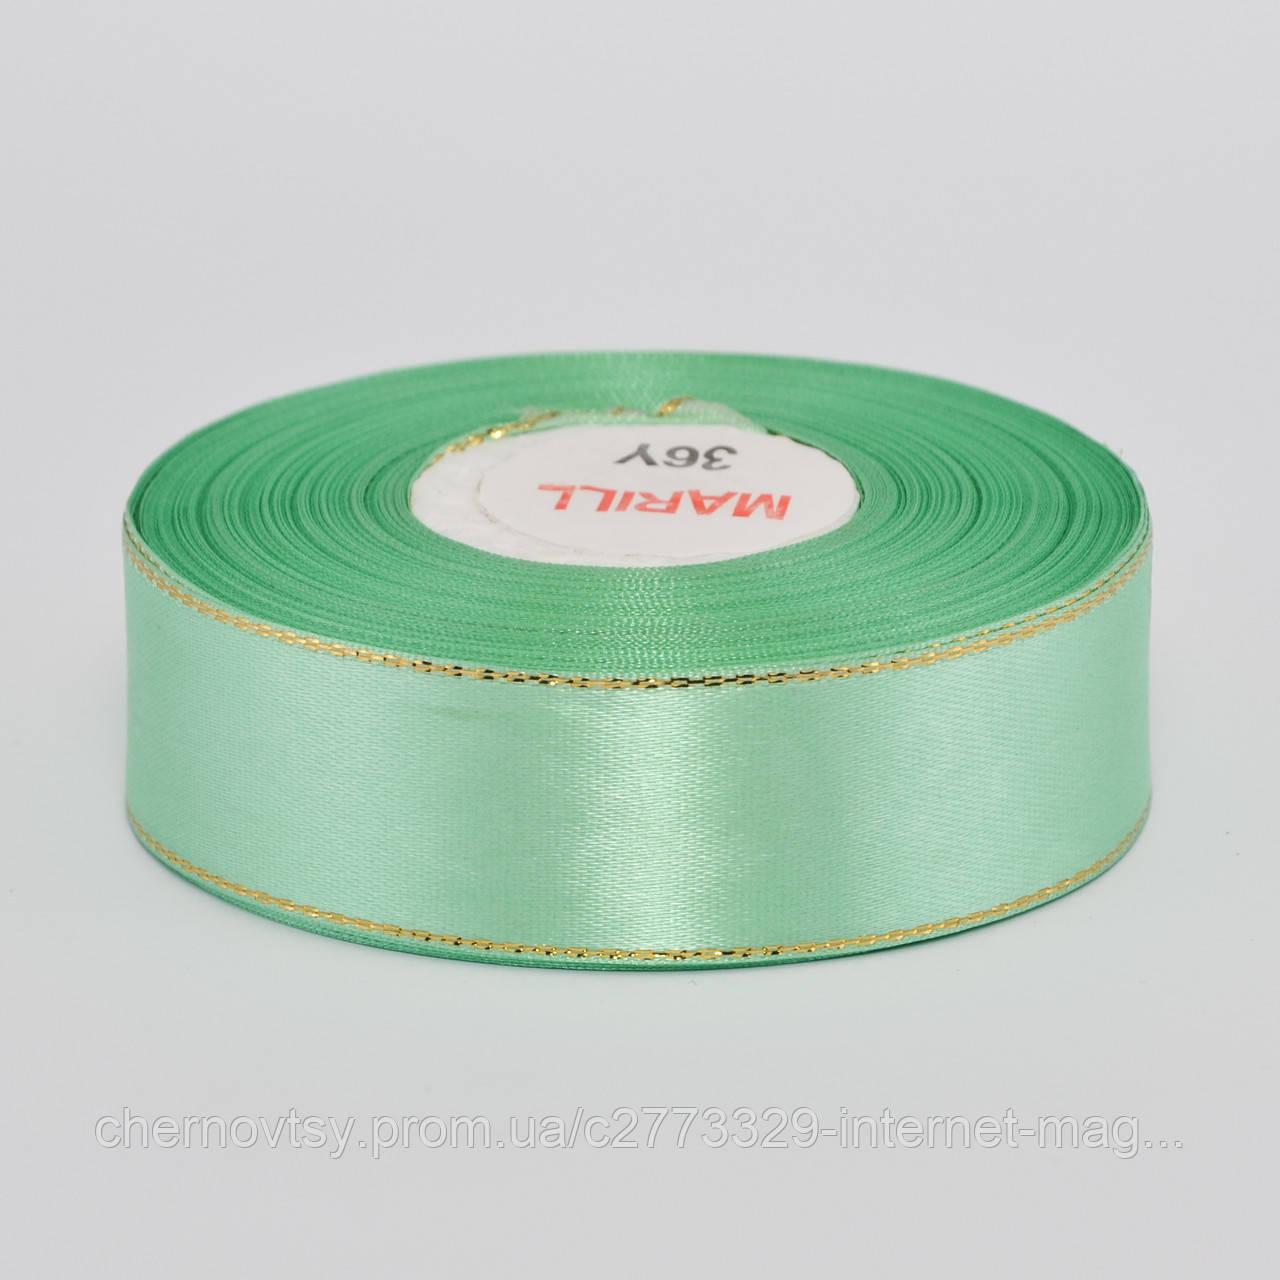 Лента атлас с люрексом 0.9 см, 33 м, № 128